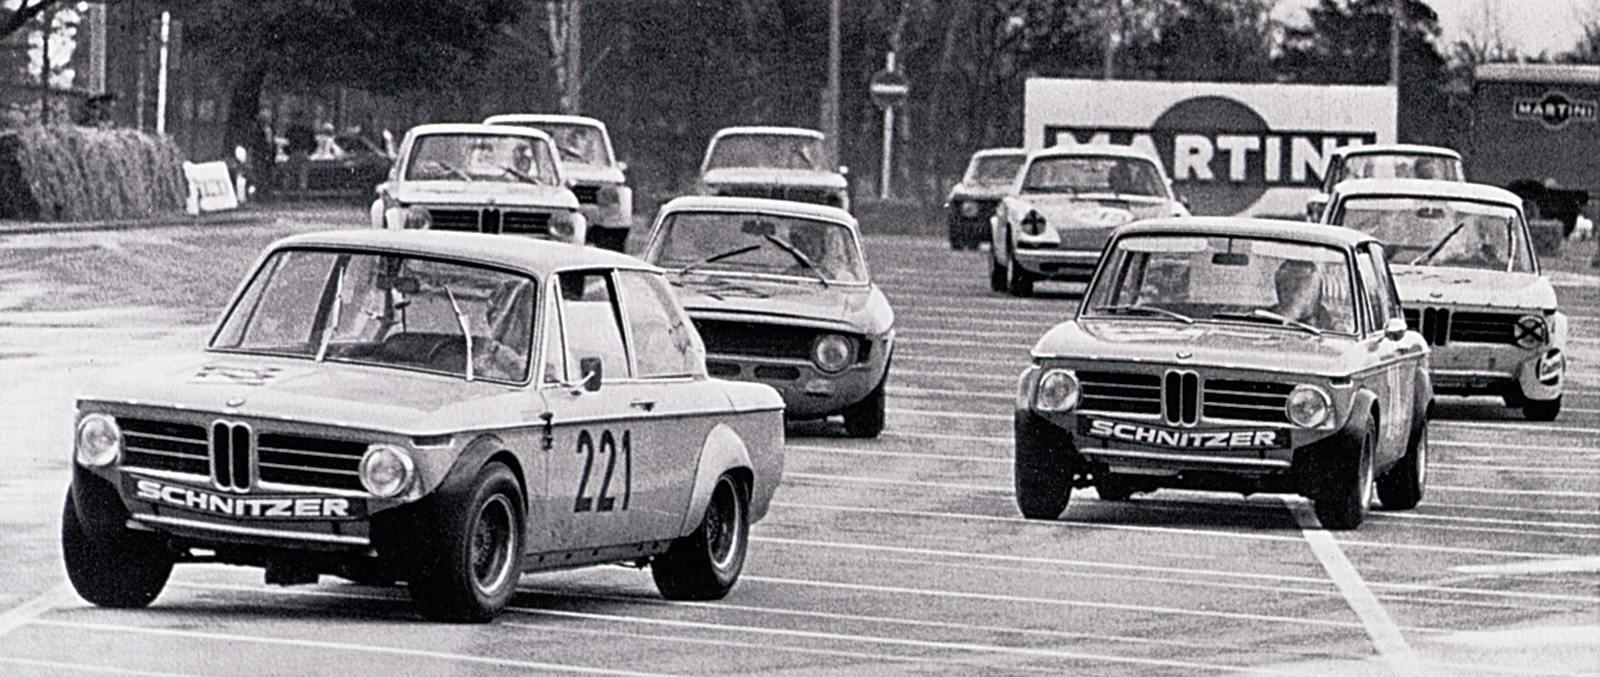 BMW 02er Motorsport